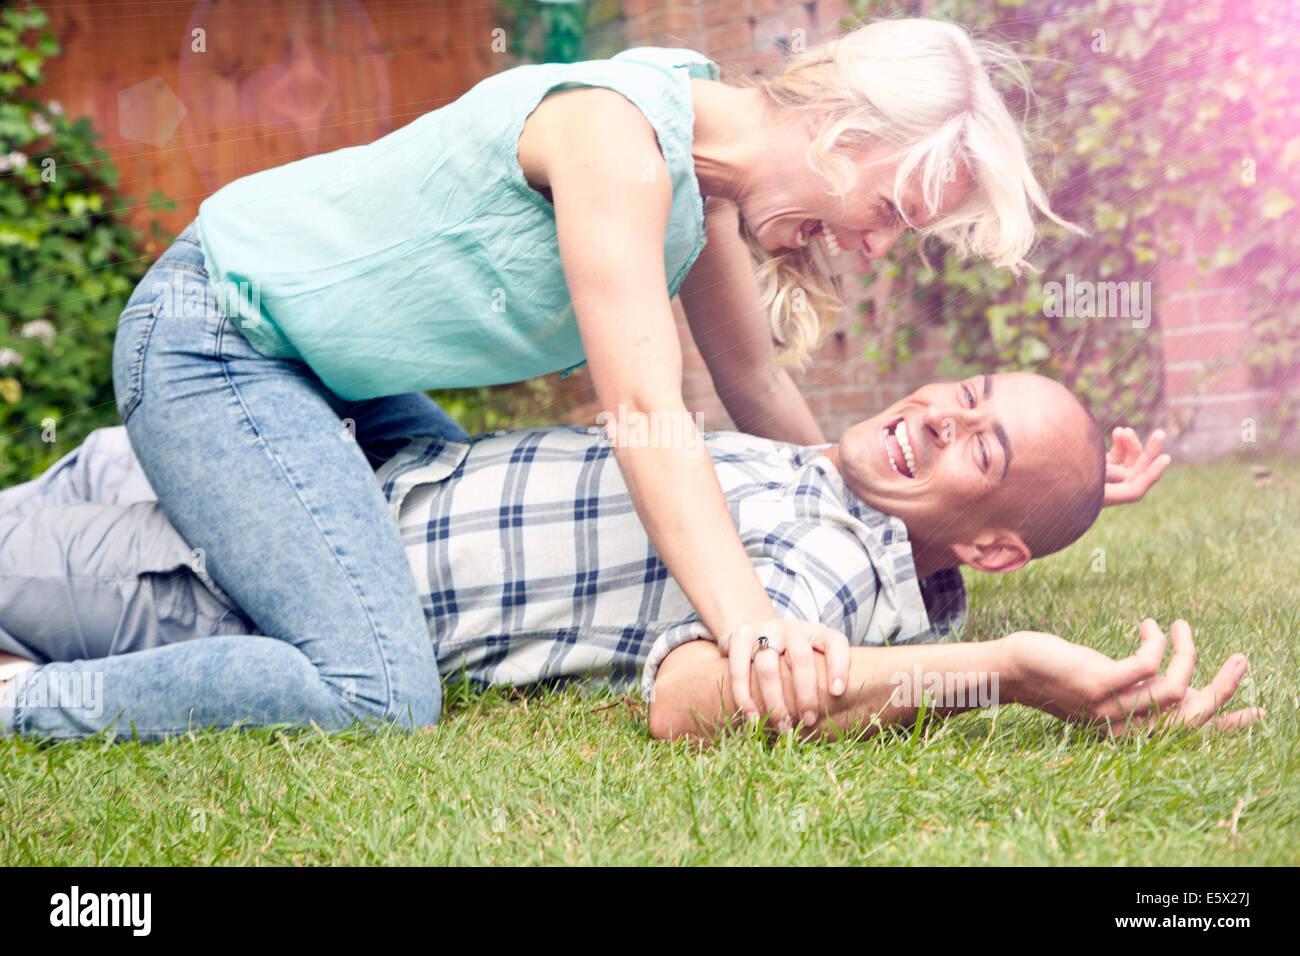 Glückliches Paar spielen kämpfen im Garten Stockbild